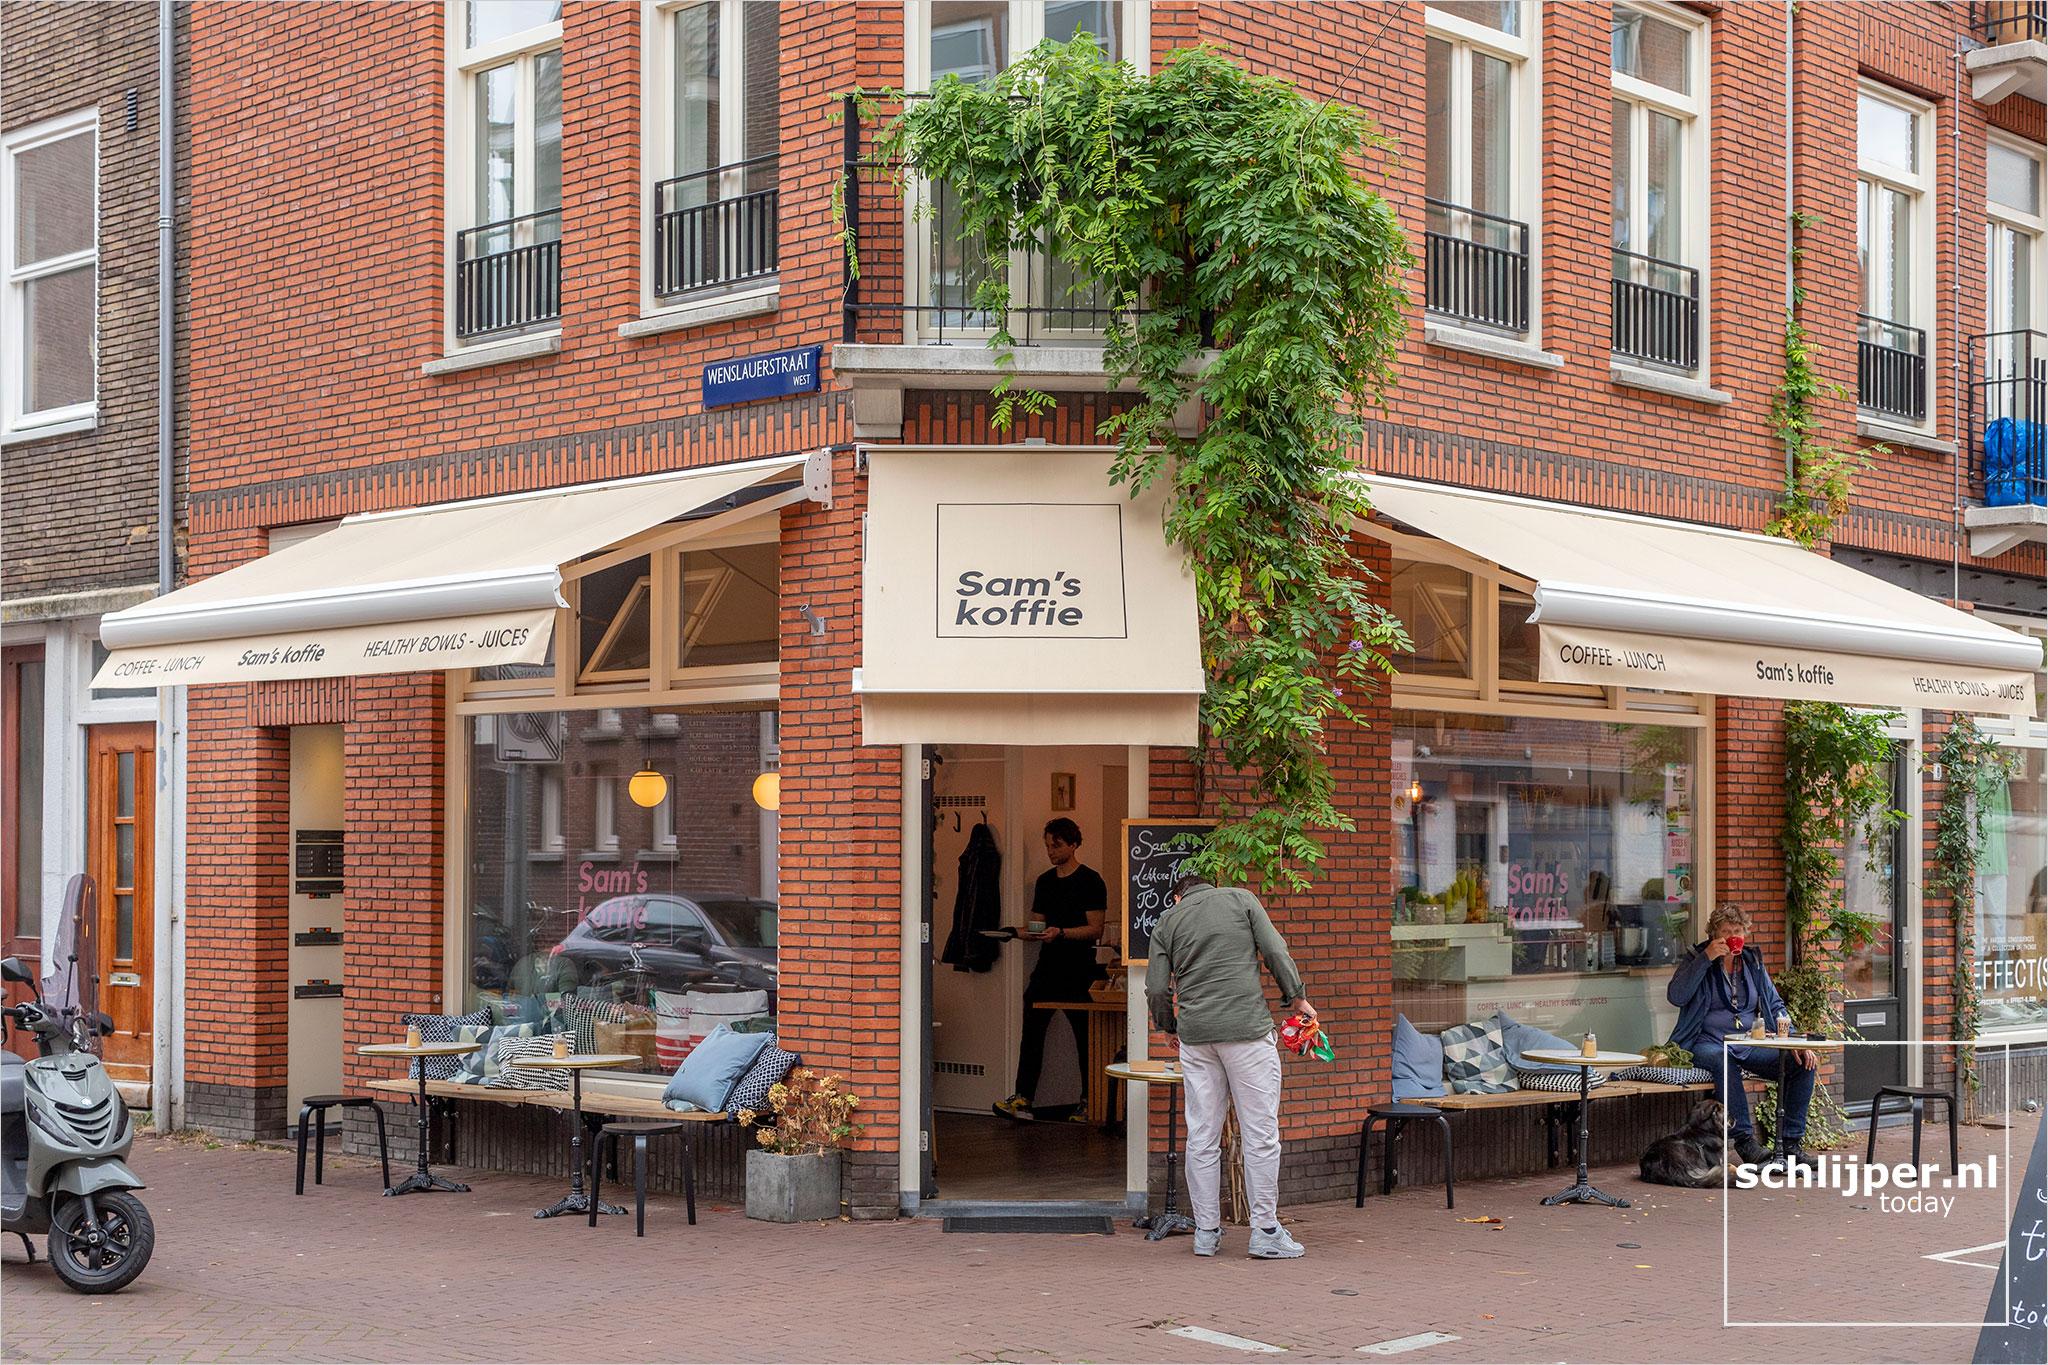 The Netherlands, Amsterdam, 27 september 2021